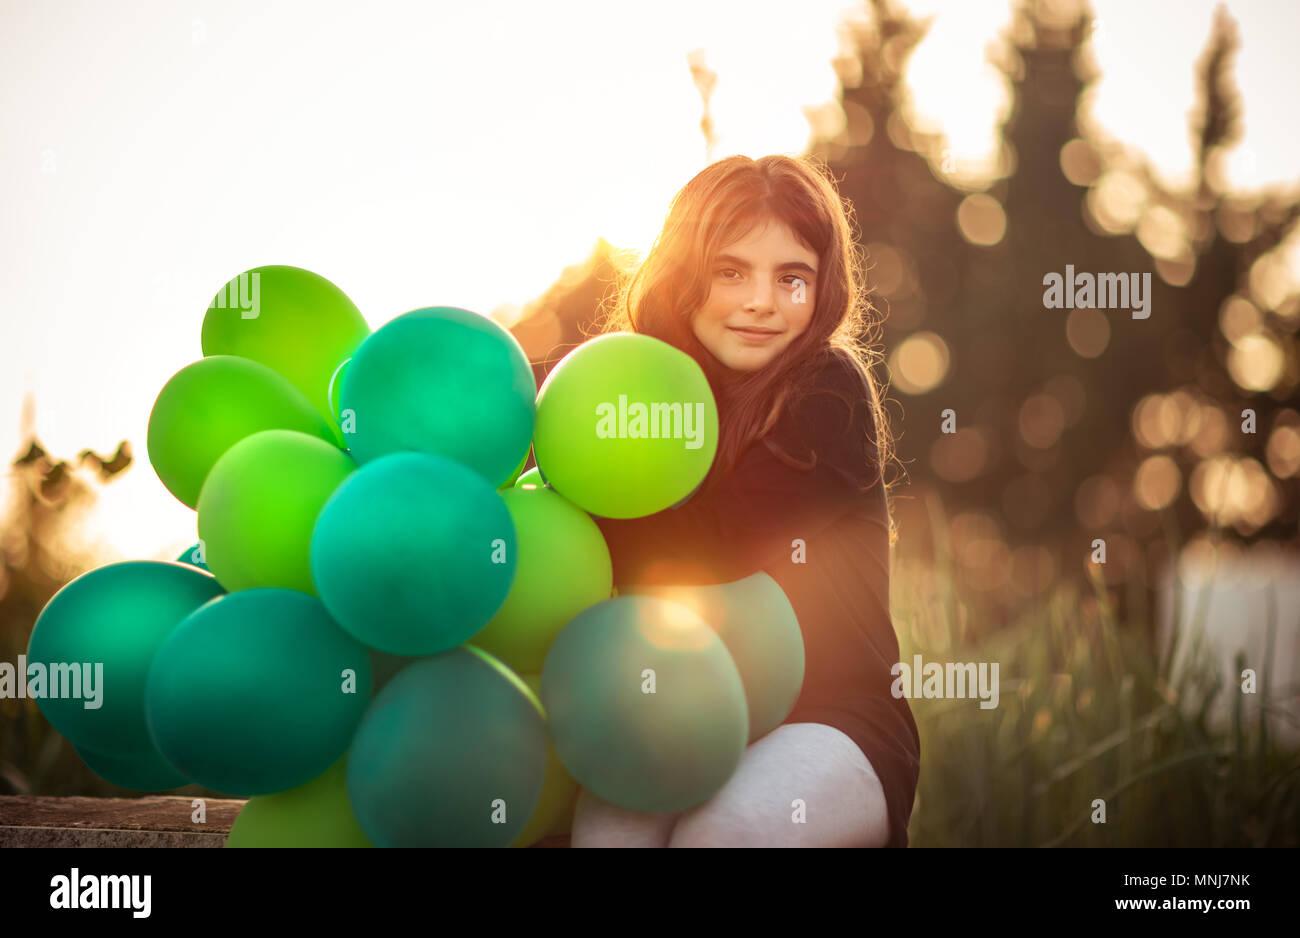 Retrato de una bonita niña sentada en el parque con el montón de globos de aire verde suave al aire libre en la luz del sol por la noche, celebrando un cumpleaños, preparati Imagen De Stock